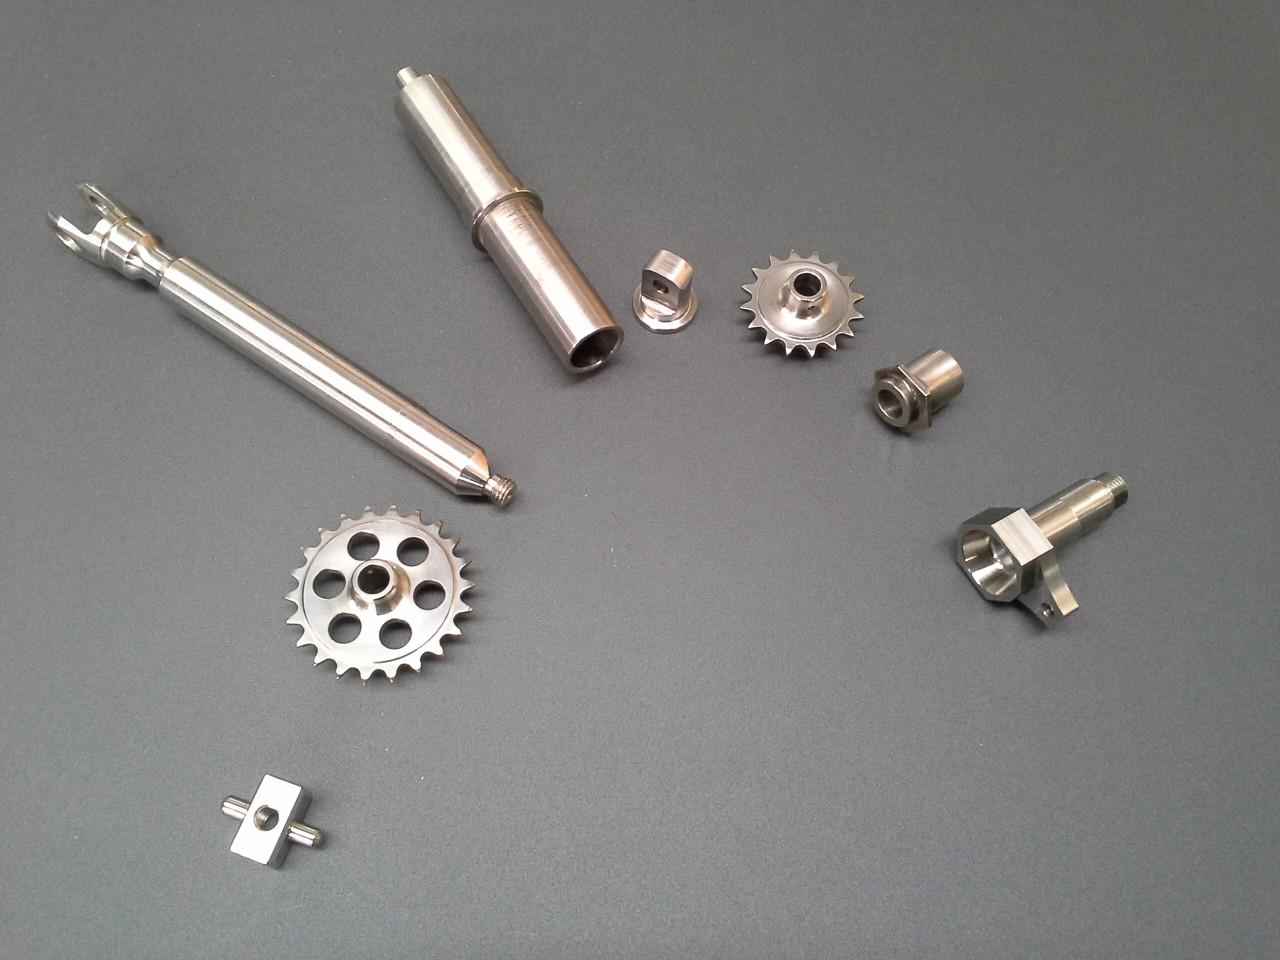 Progettazione manufatti meccanici | CMF Fornaro Napoli